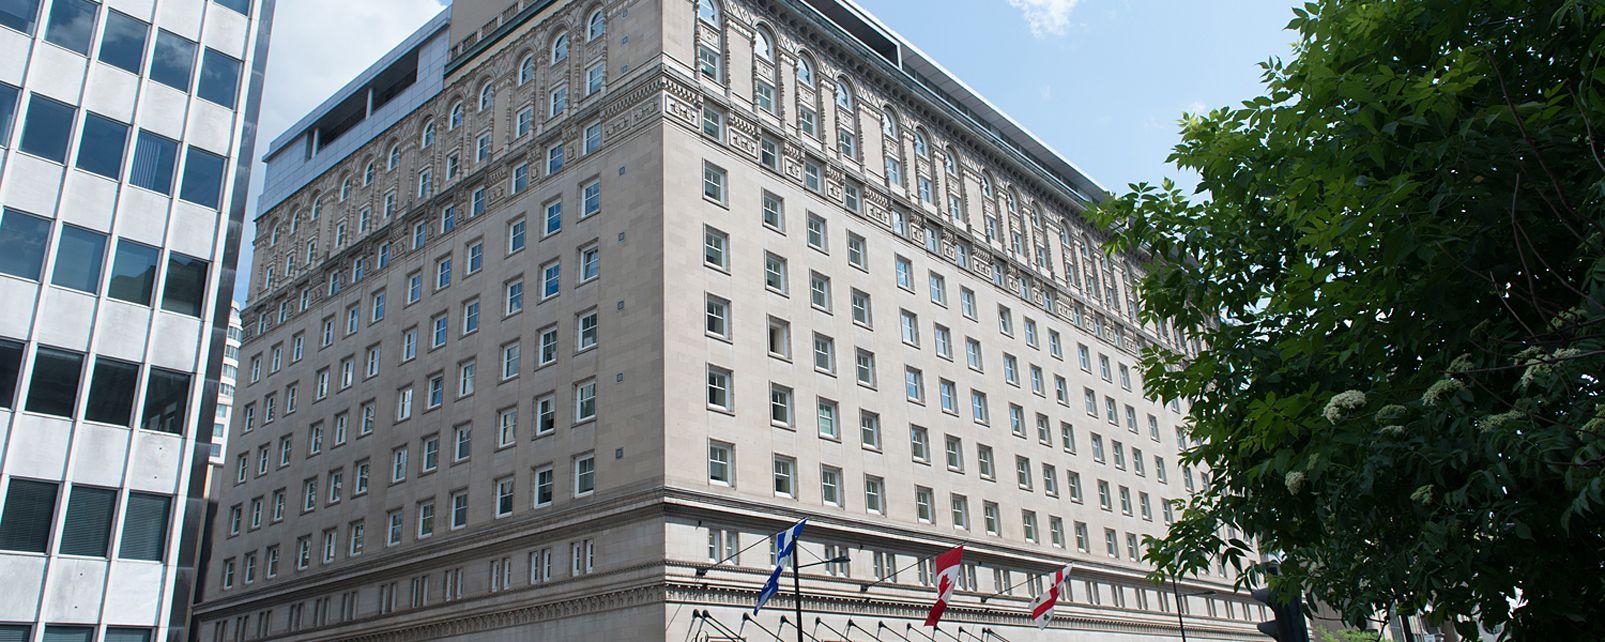 Hotel Ritz-Carlton Montréal